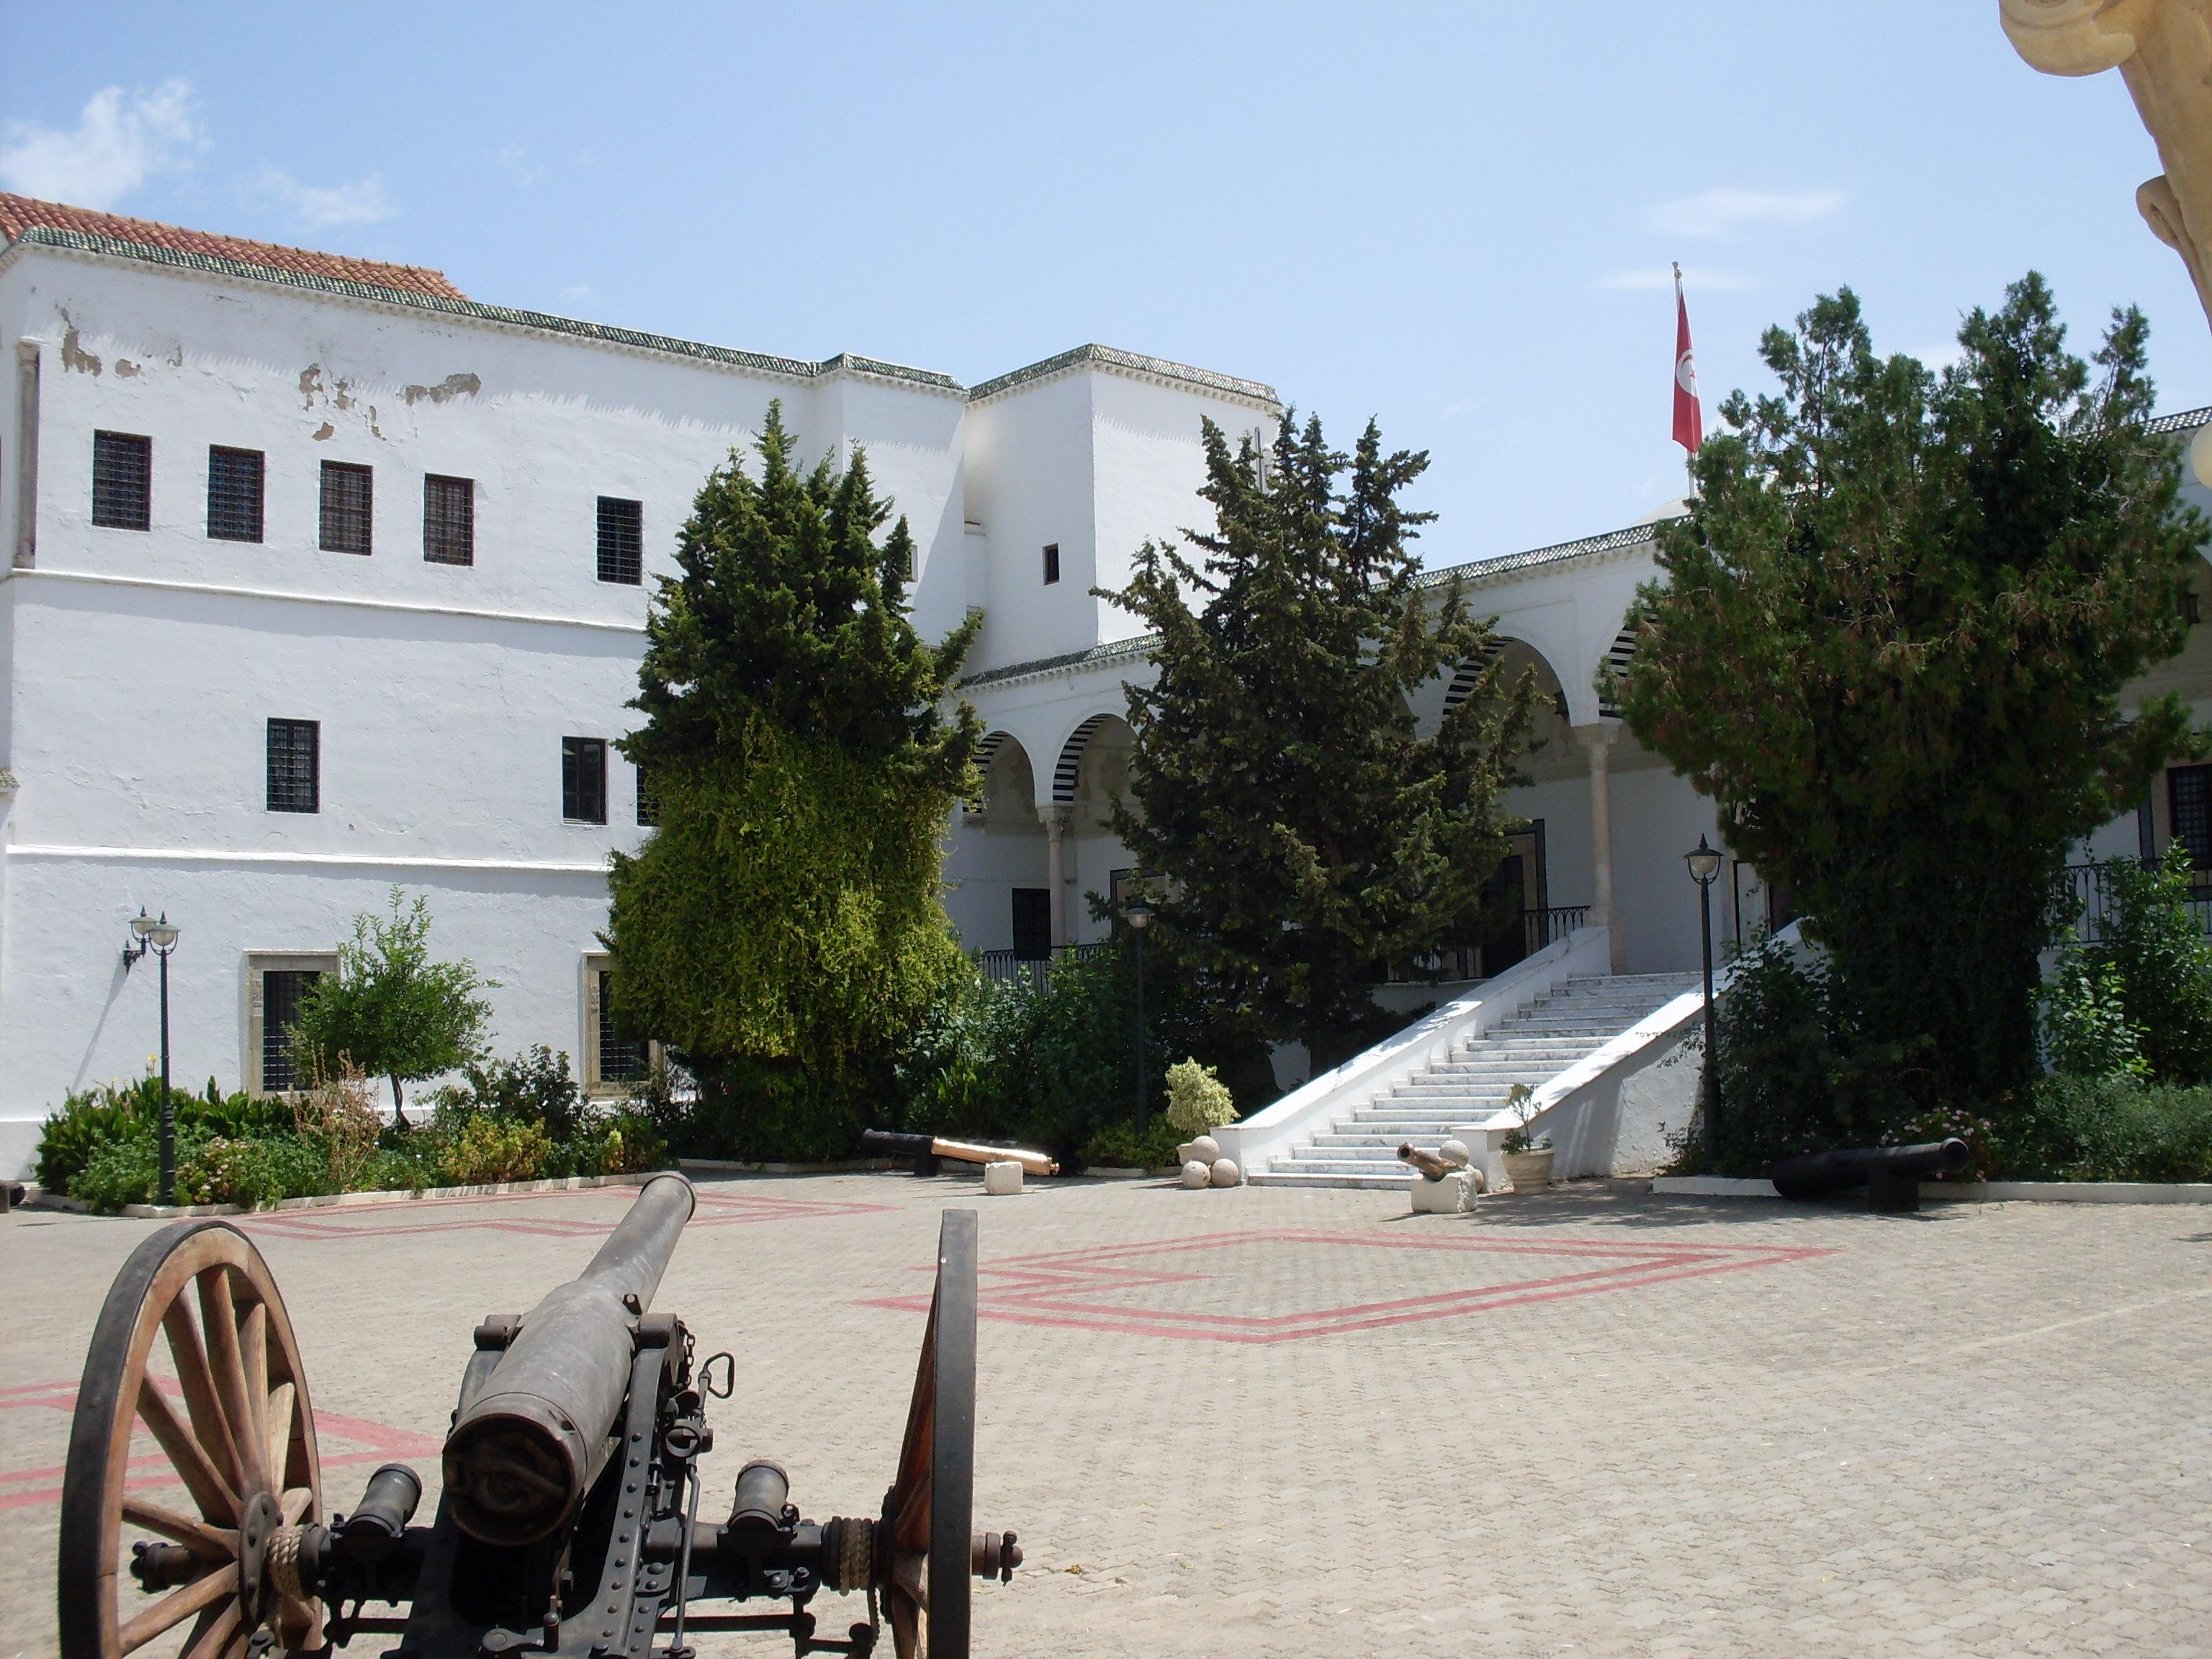 Fabrication D Escalier En Tunisie musée militaire national (tunisie) — wikipédia